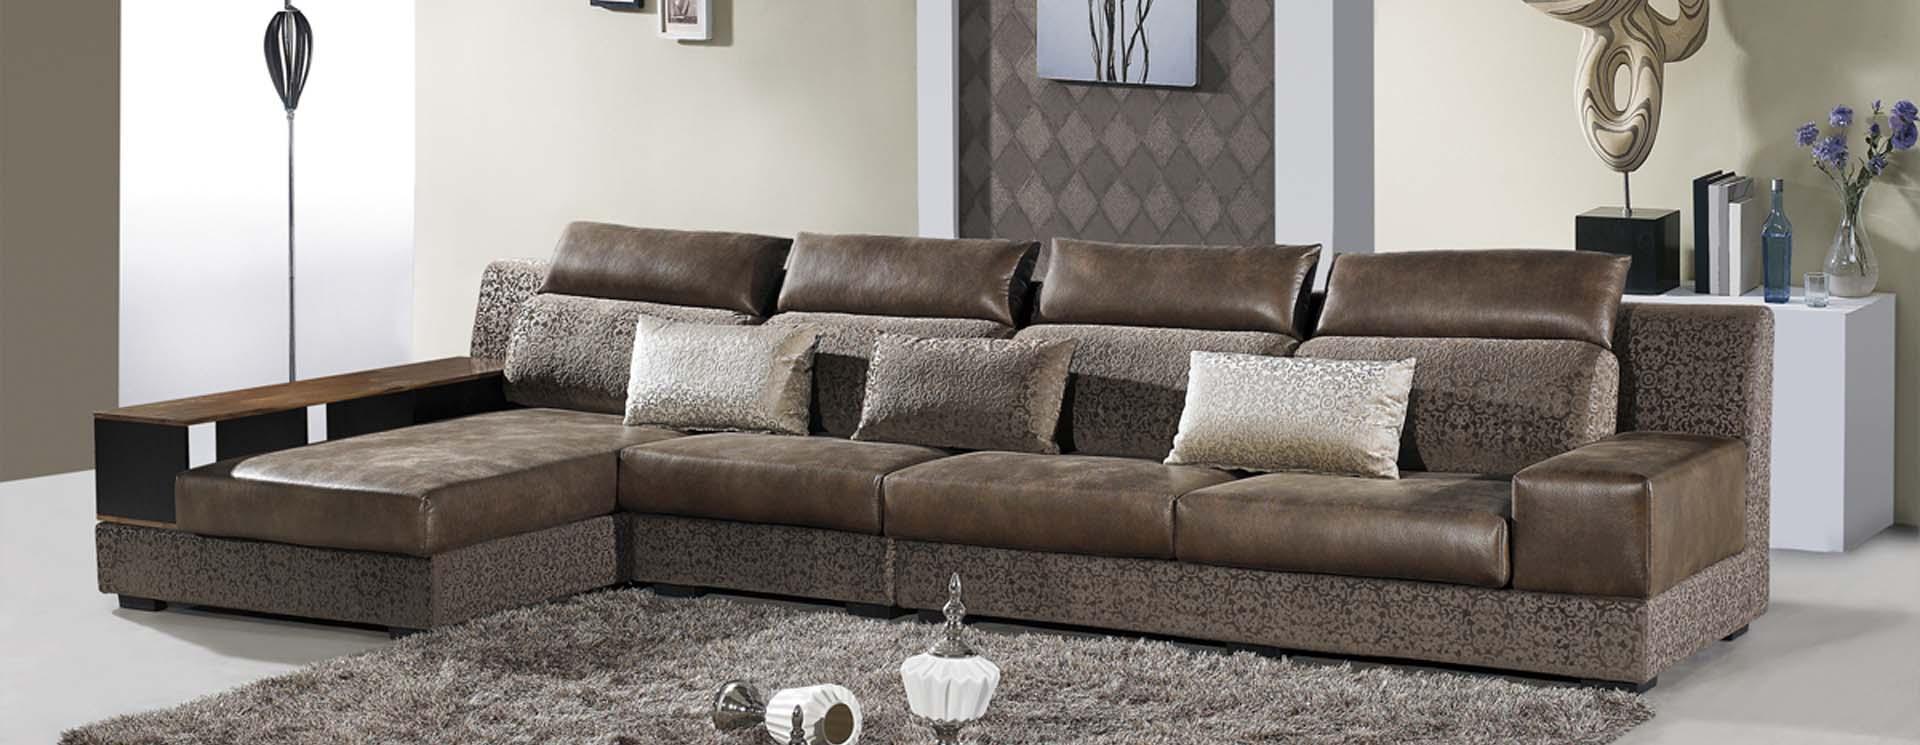 名称:沙发K596A#<br/> 市场价:<font style='color:#999;text-decoration:line-through;'>¥0</font><br />全国统一零售价:<font color='Red'>¥0.0</font>